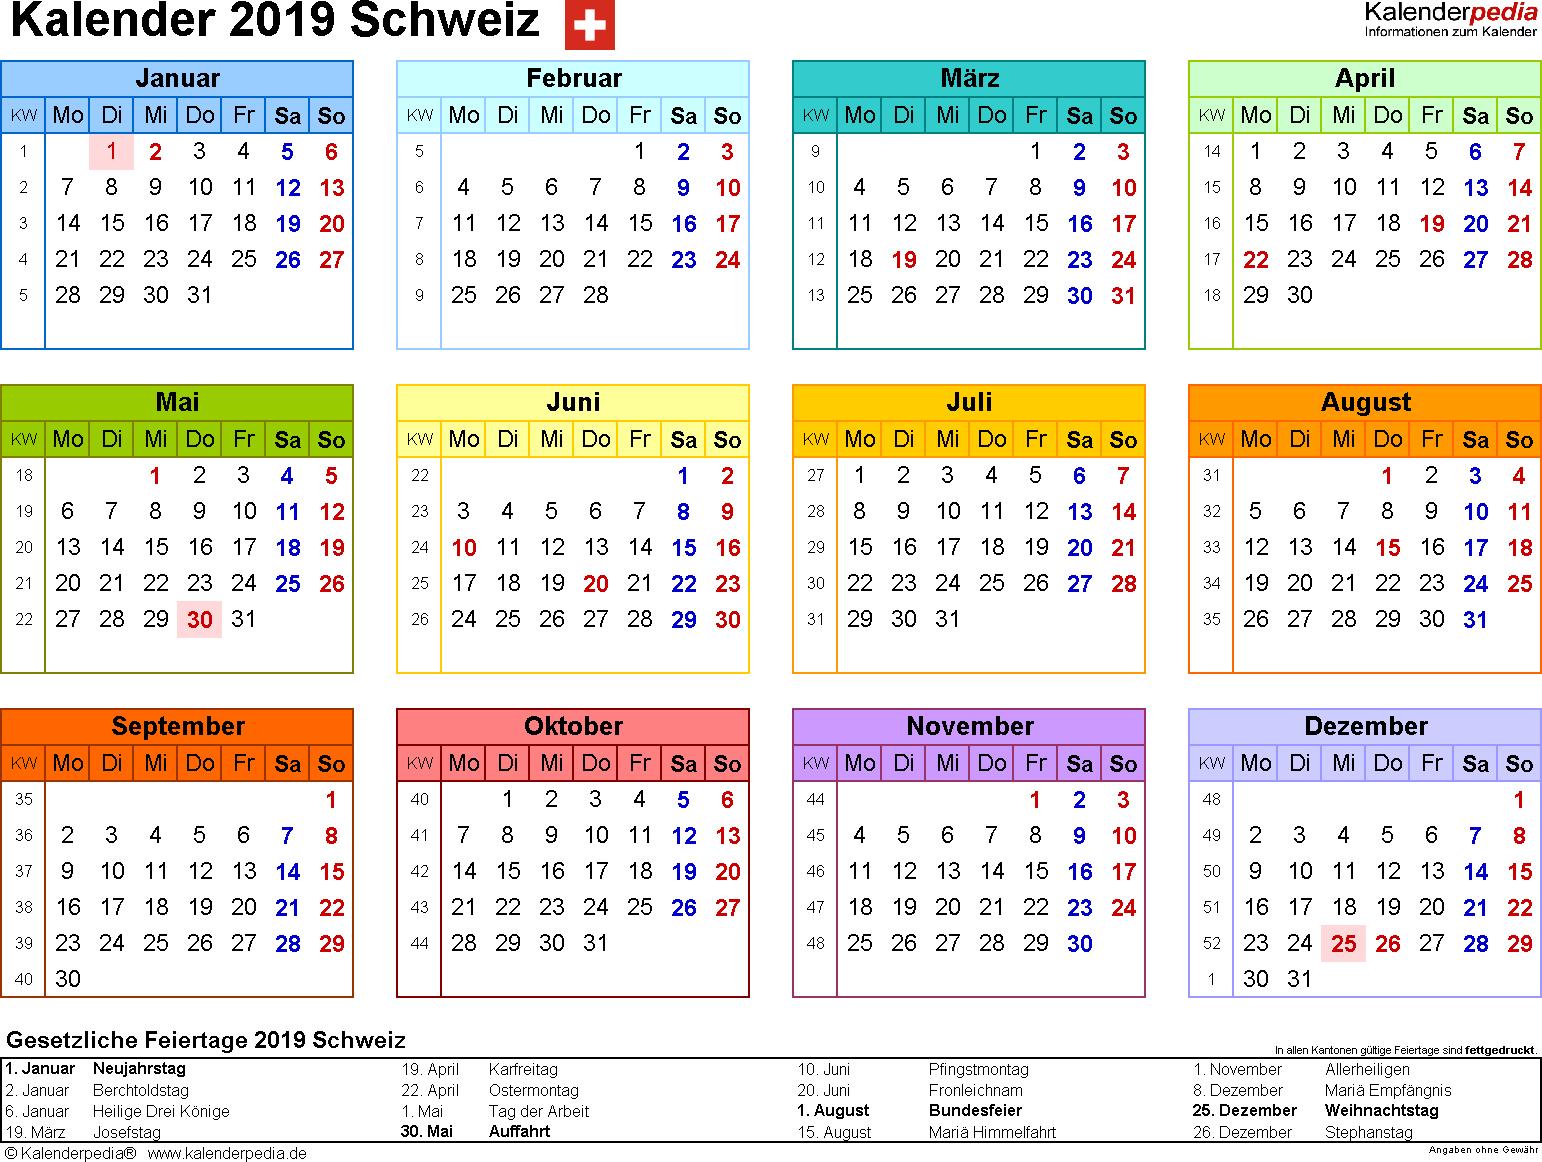 Vorlage 8: Kalender 2019 für die Schweiz  im Microsoft Excel-Format, Querformat, 1 Seite, in Farbe